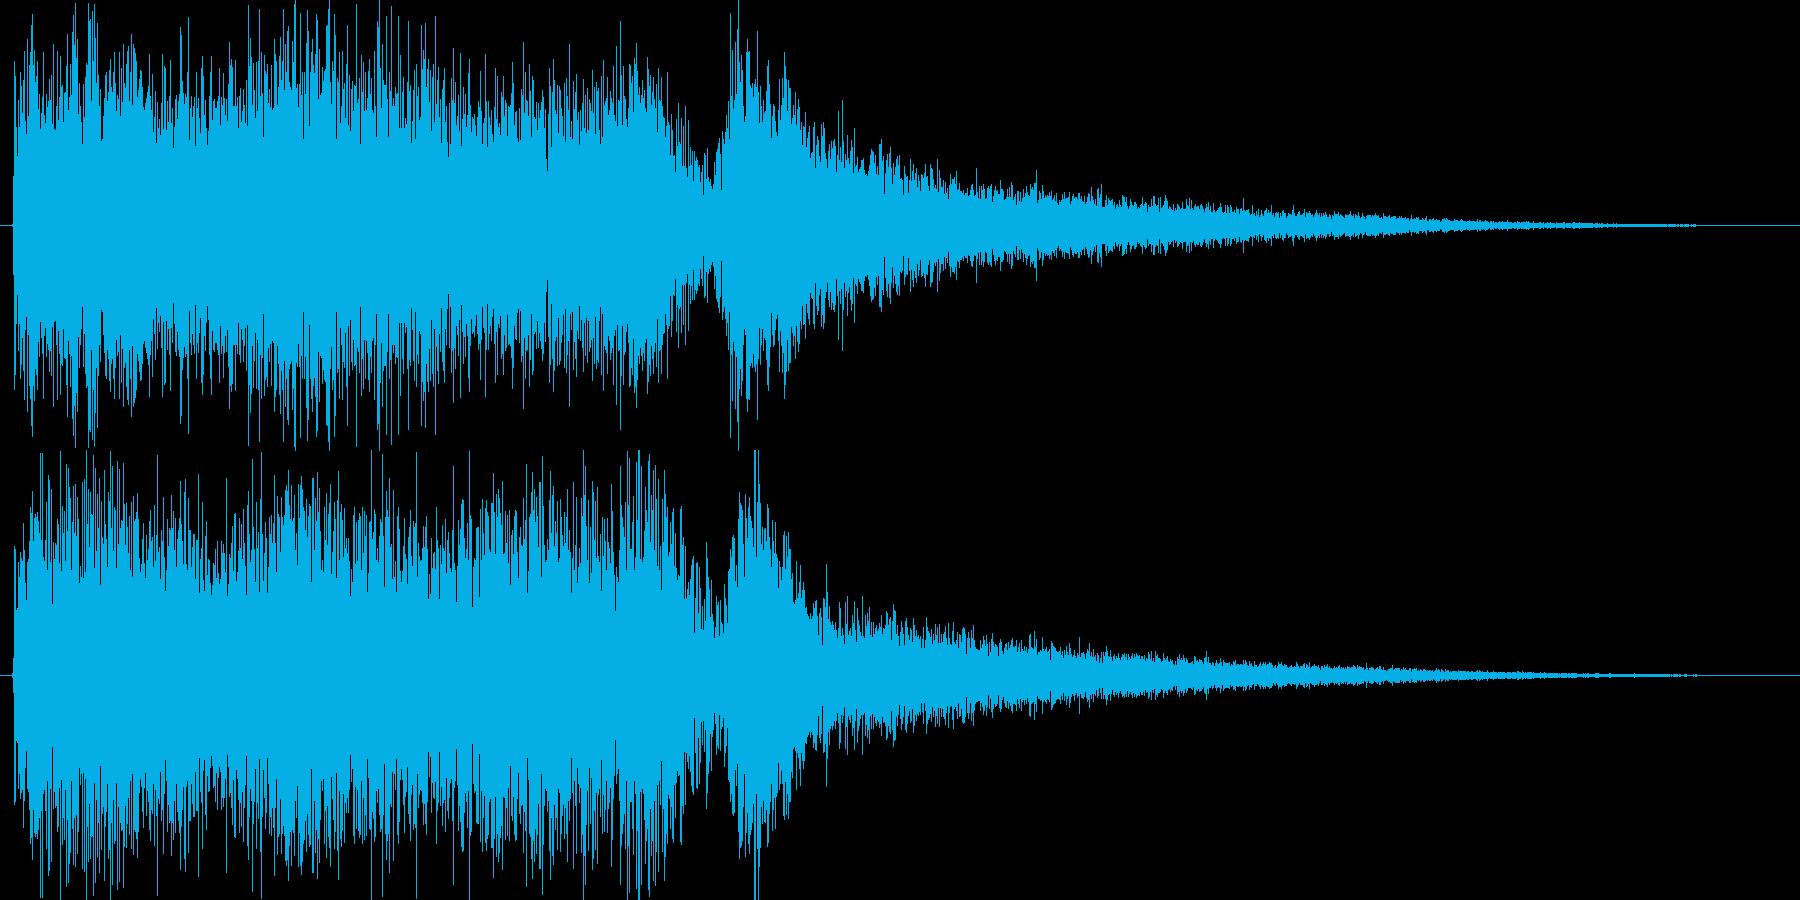 クラシックなイベントロスト曲4の再生済みの波形